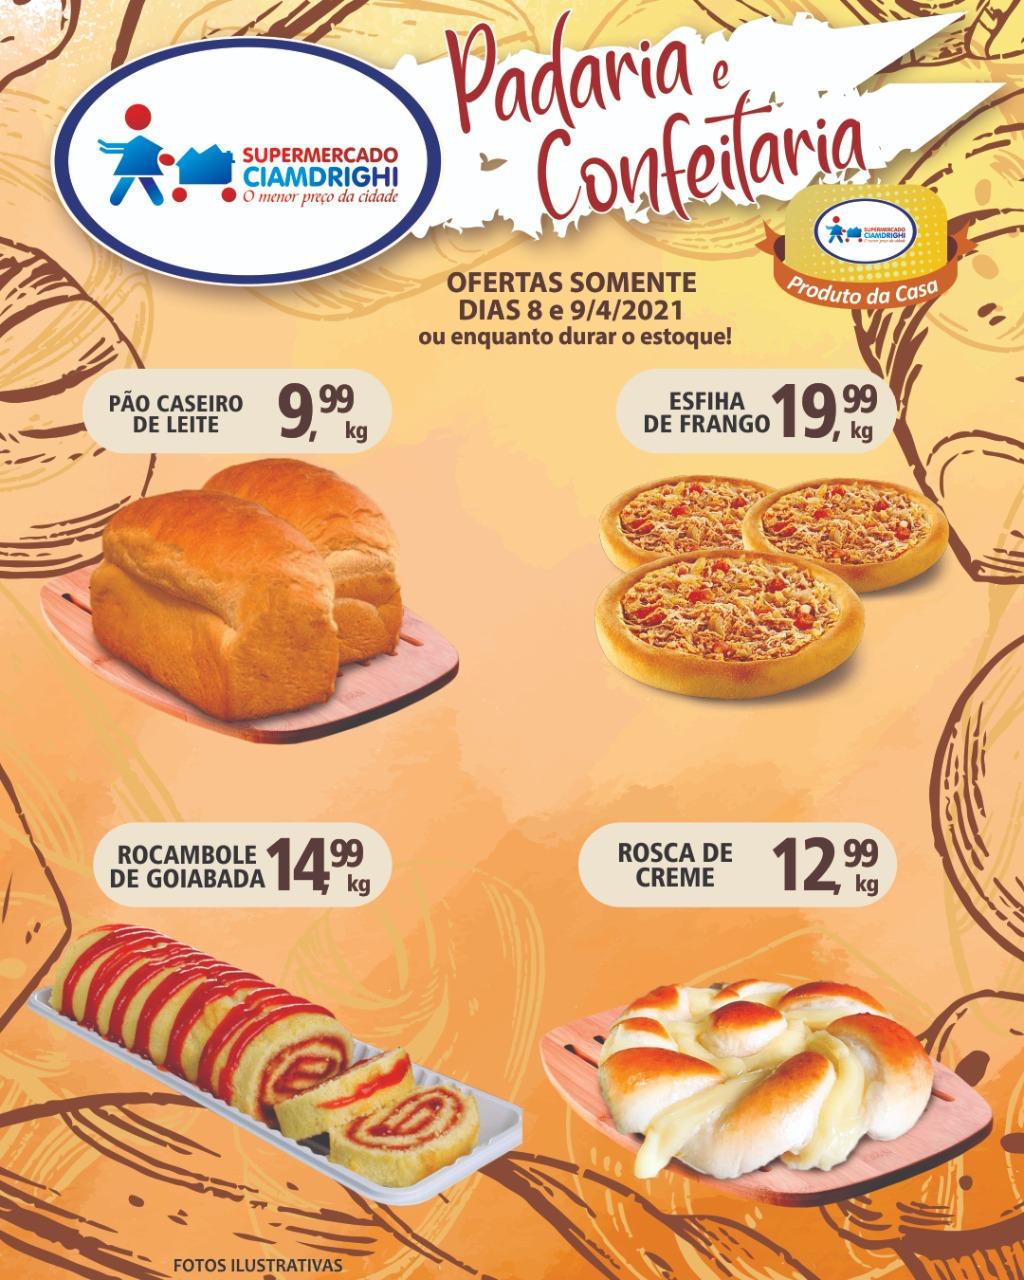 Ciamdrighi tem pão de leite, rosca de creme, rocambole de goiaba e esfiha de frango em promoção